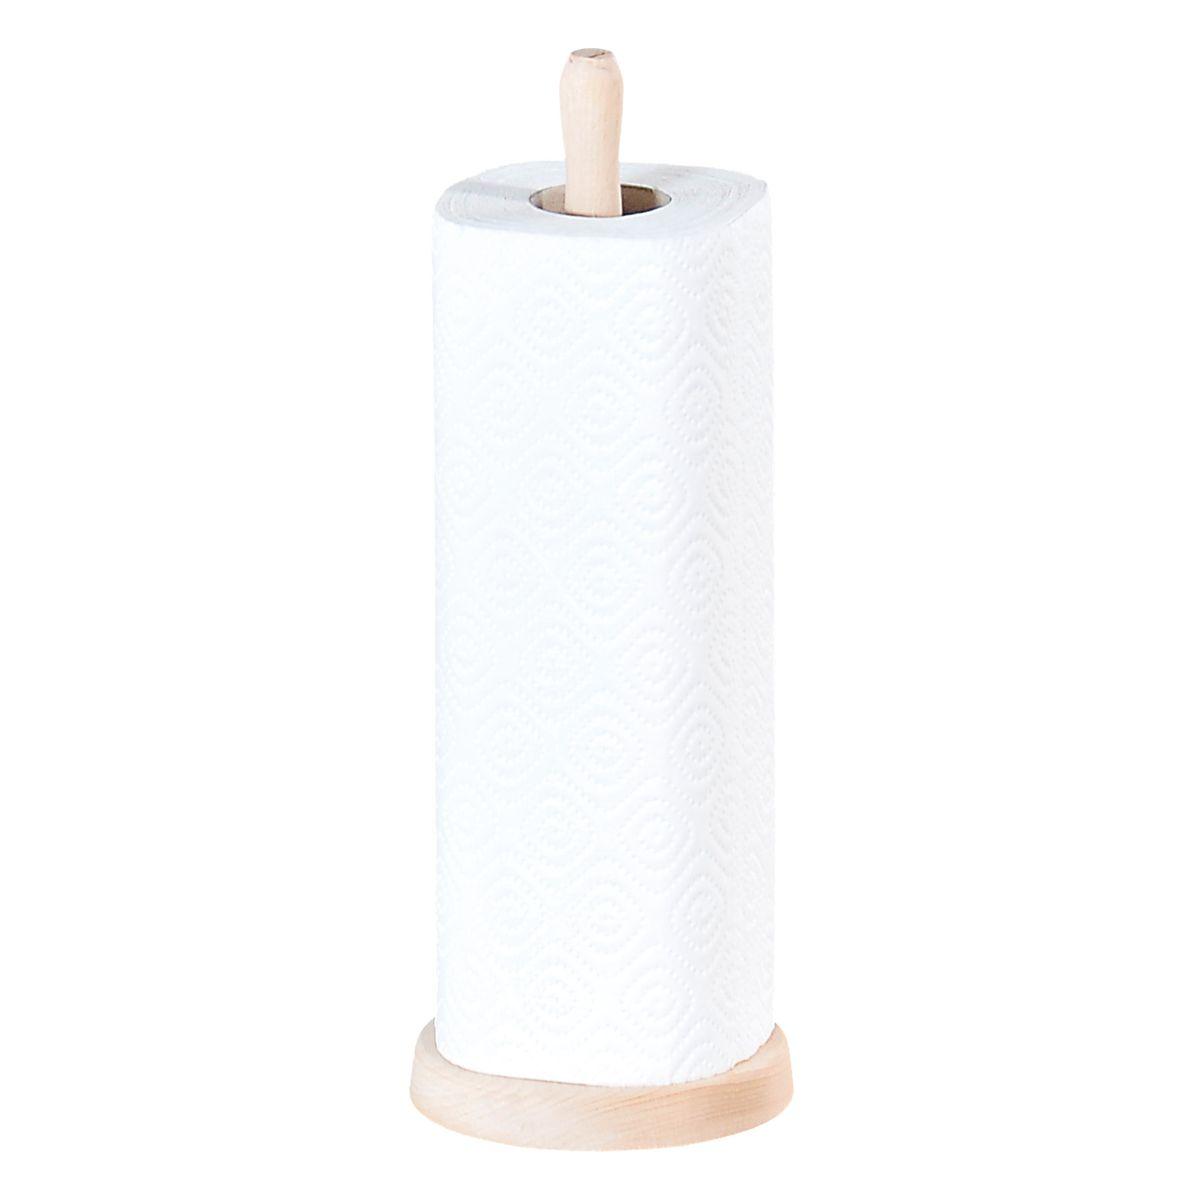 Стойка для бумажных полотенец Kesper, высота 33 см. 1200-2330590-660Стойка для бумажных полотенец Kesper изготовлена из натурального дерева. Состоит из круглого основания и стержня, на который устанавливается рулон с бумажными полотенцами. Стойка очень удобна в использовании.Оригинальный держатель стильно украсит интерьер кухни и станет аксессуаром, который будет обращать на себя внимание.Высота стойки: 33 см.Диаметр стойки: 11 см.